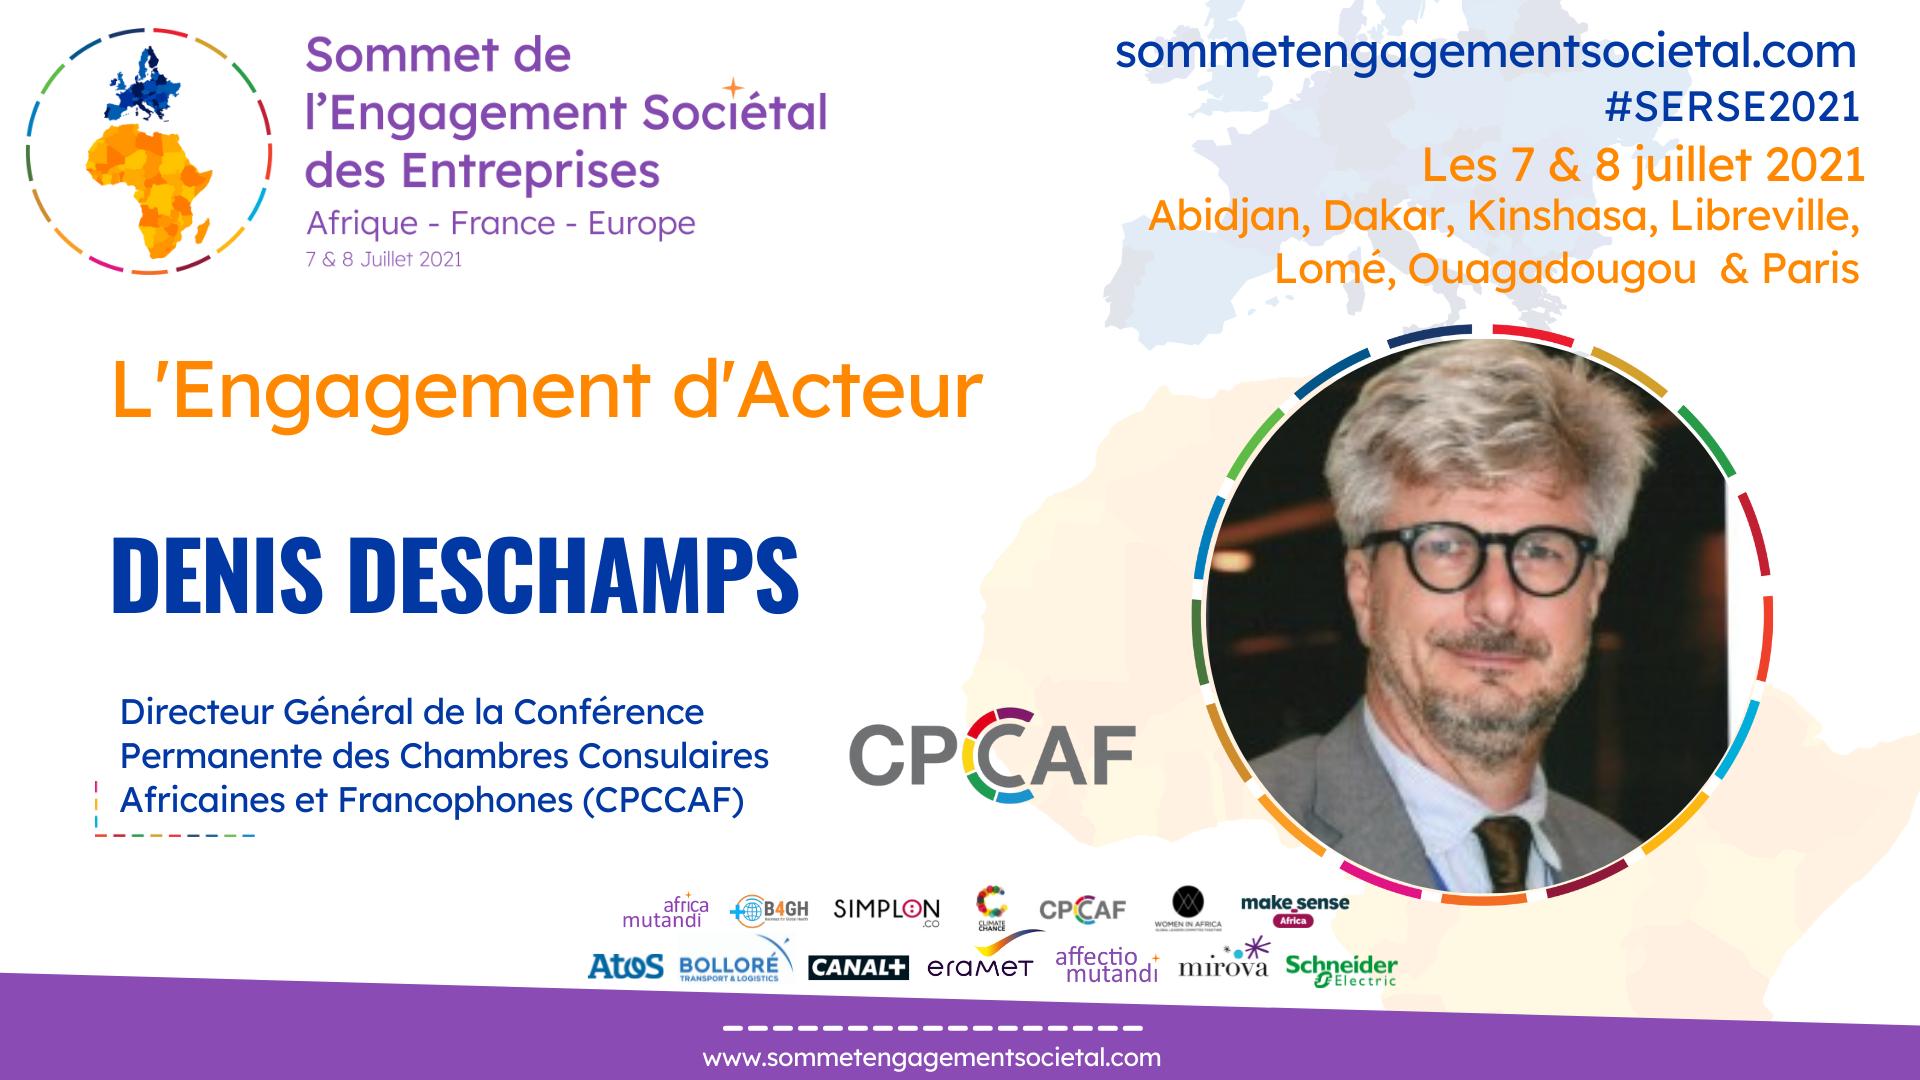 Denis Deschamps prône un développement local en Afrique